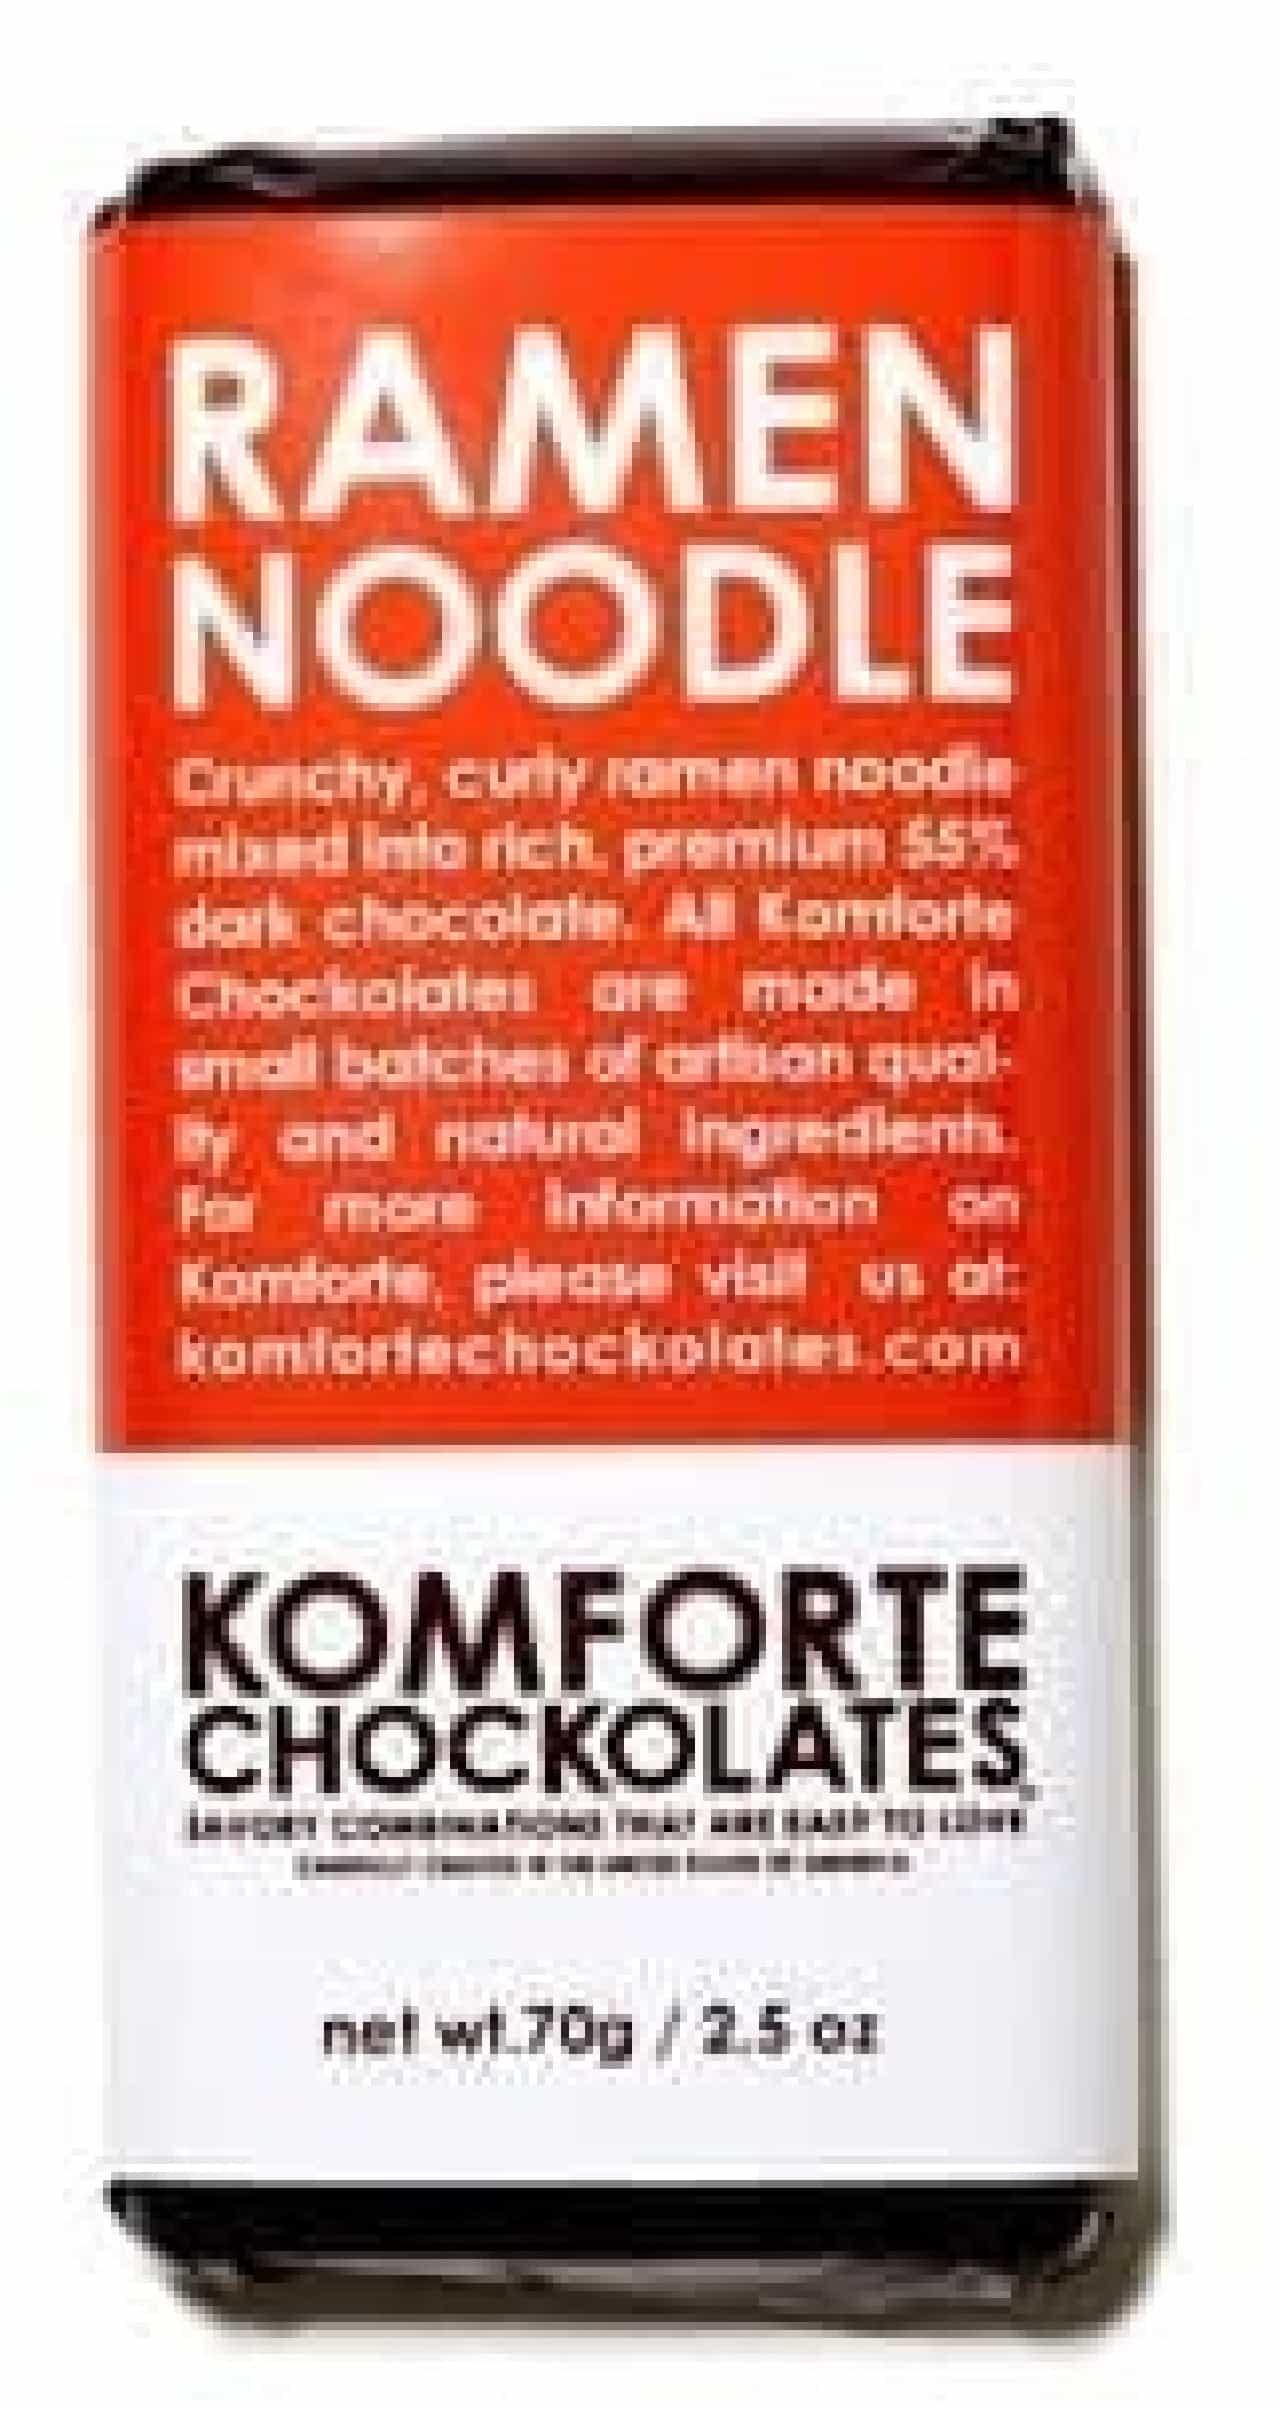 Komforte Chockolates の「Ramen Noodle」チョコバー